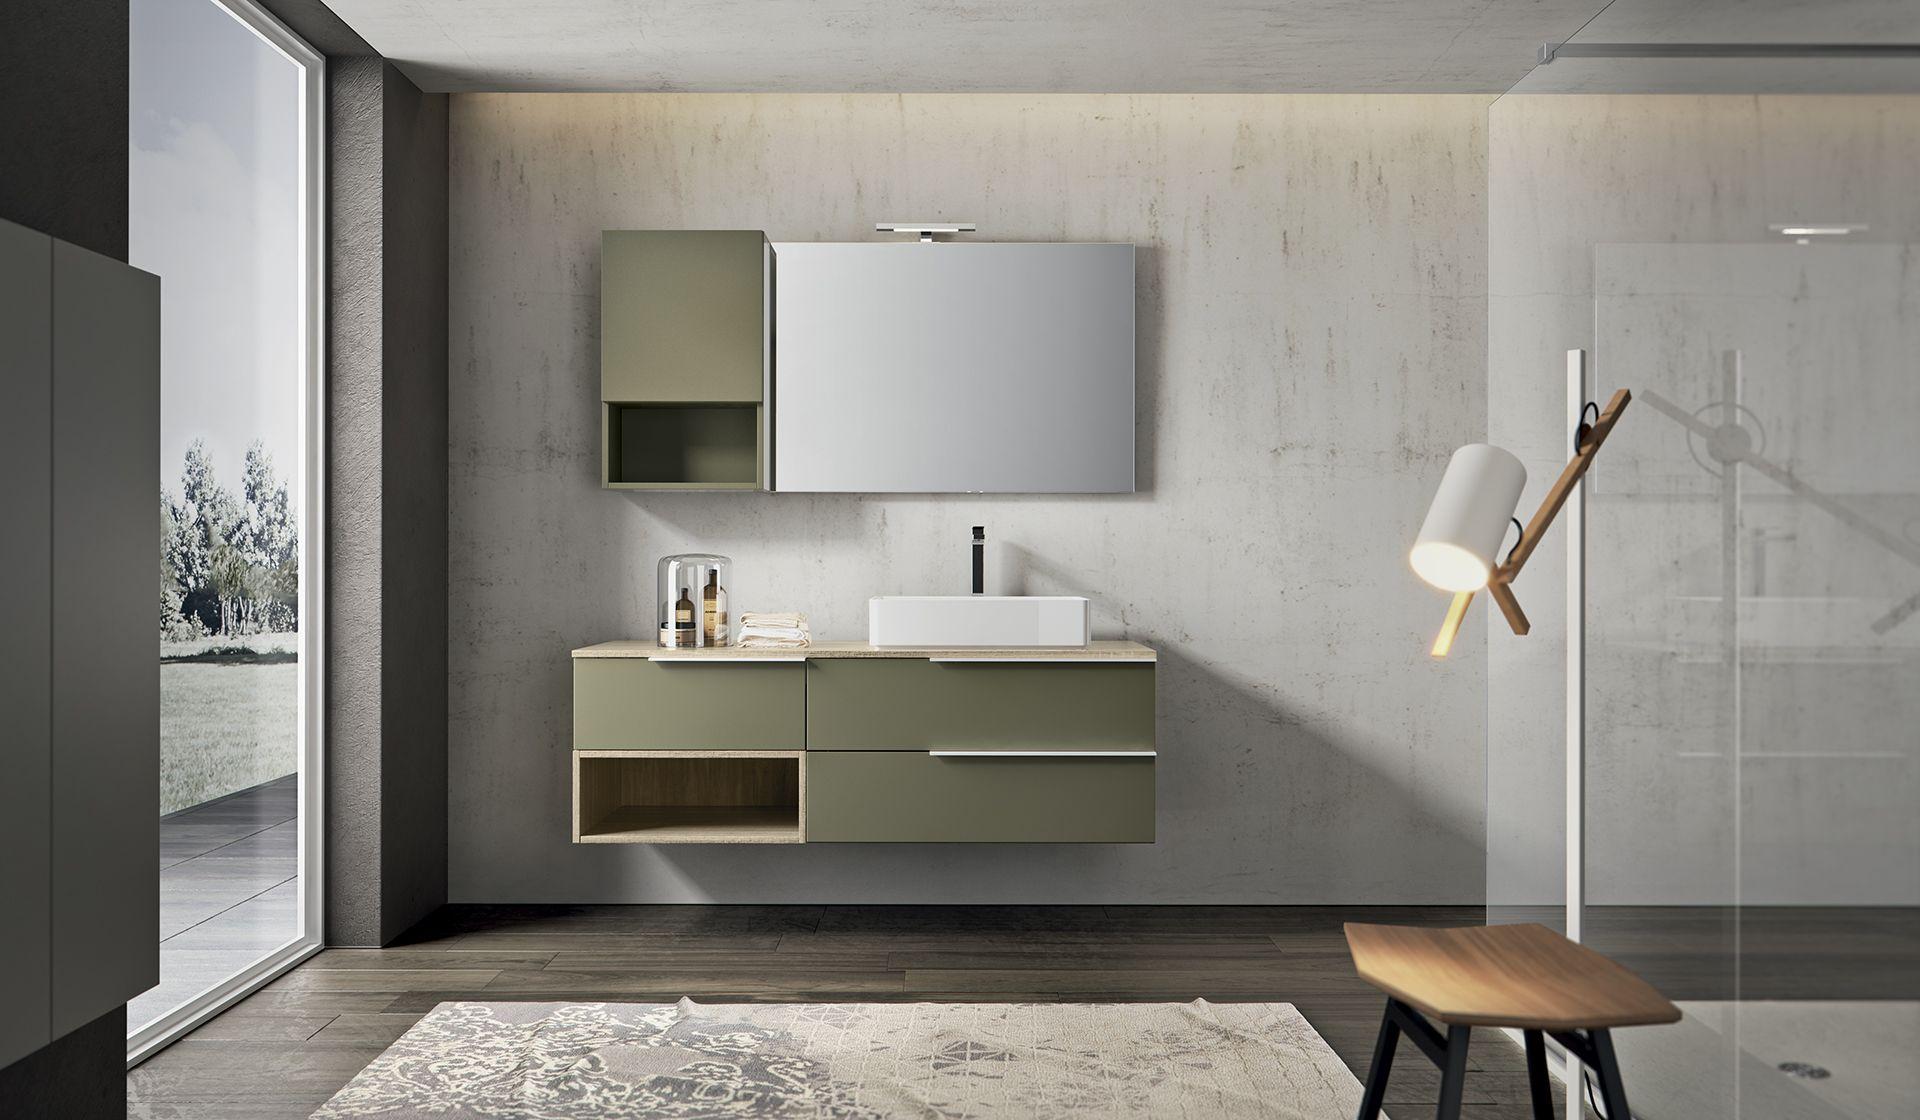 Design Bagno Moderno : Design bagno moderno kyros agoràgroup edoné design render